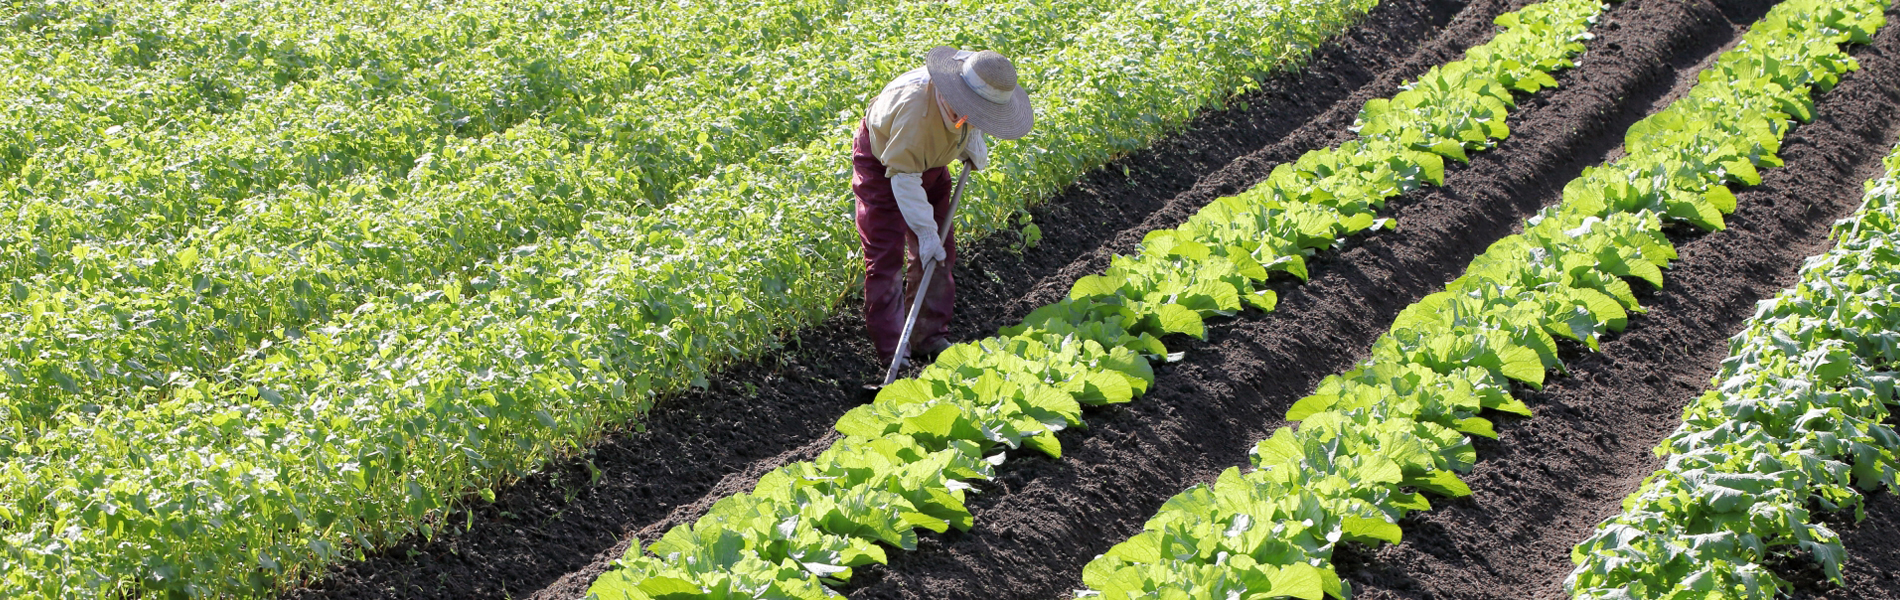 週に1回、生産地より届く農畜産物